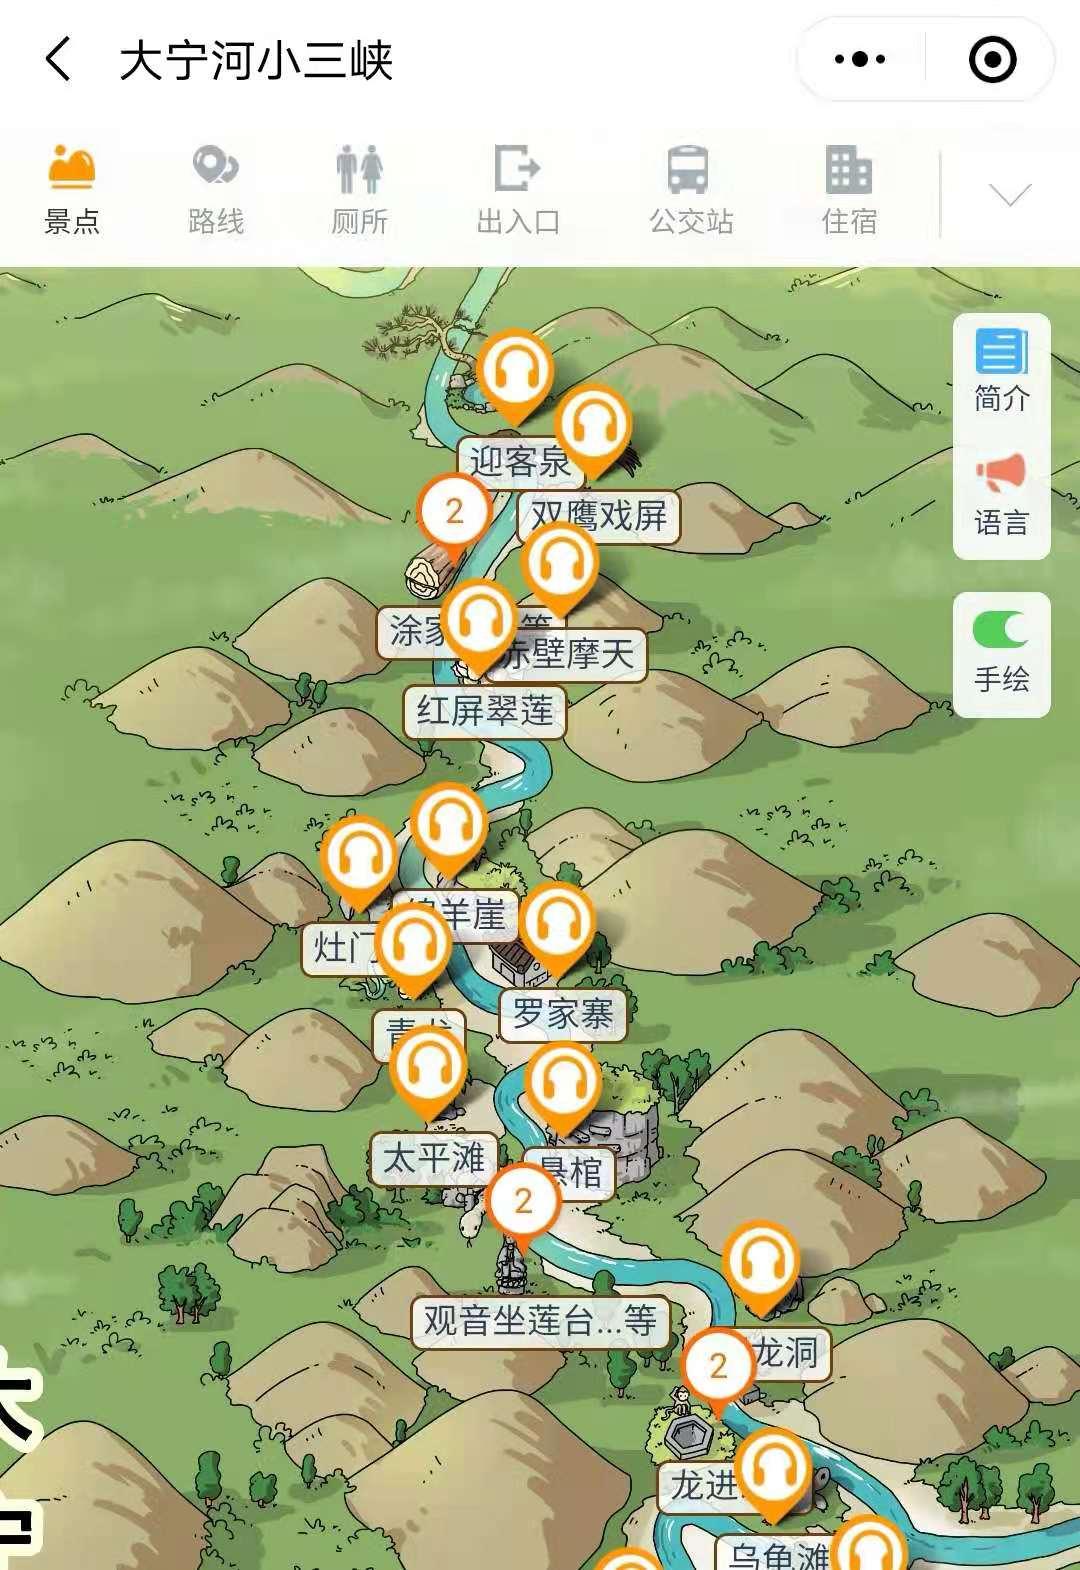 2021年重庆5A景区大宁河小三峡景区手绘地图,电子导览,语音讲解系统上线.jpg